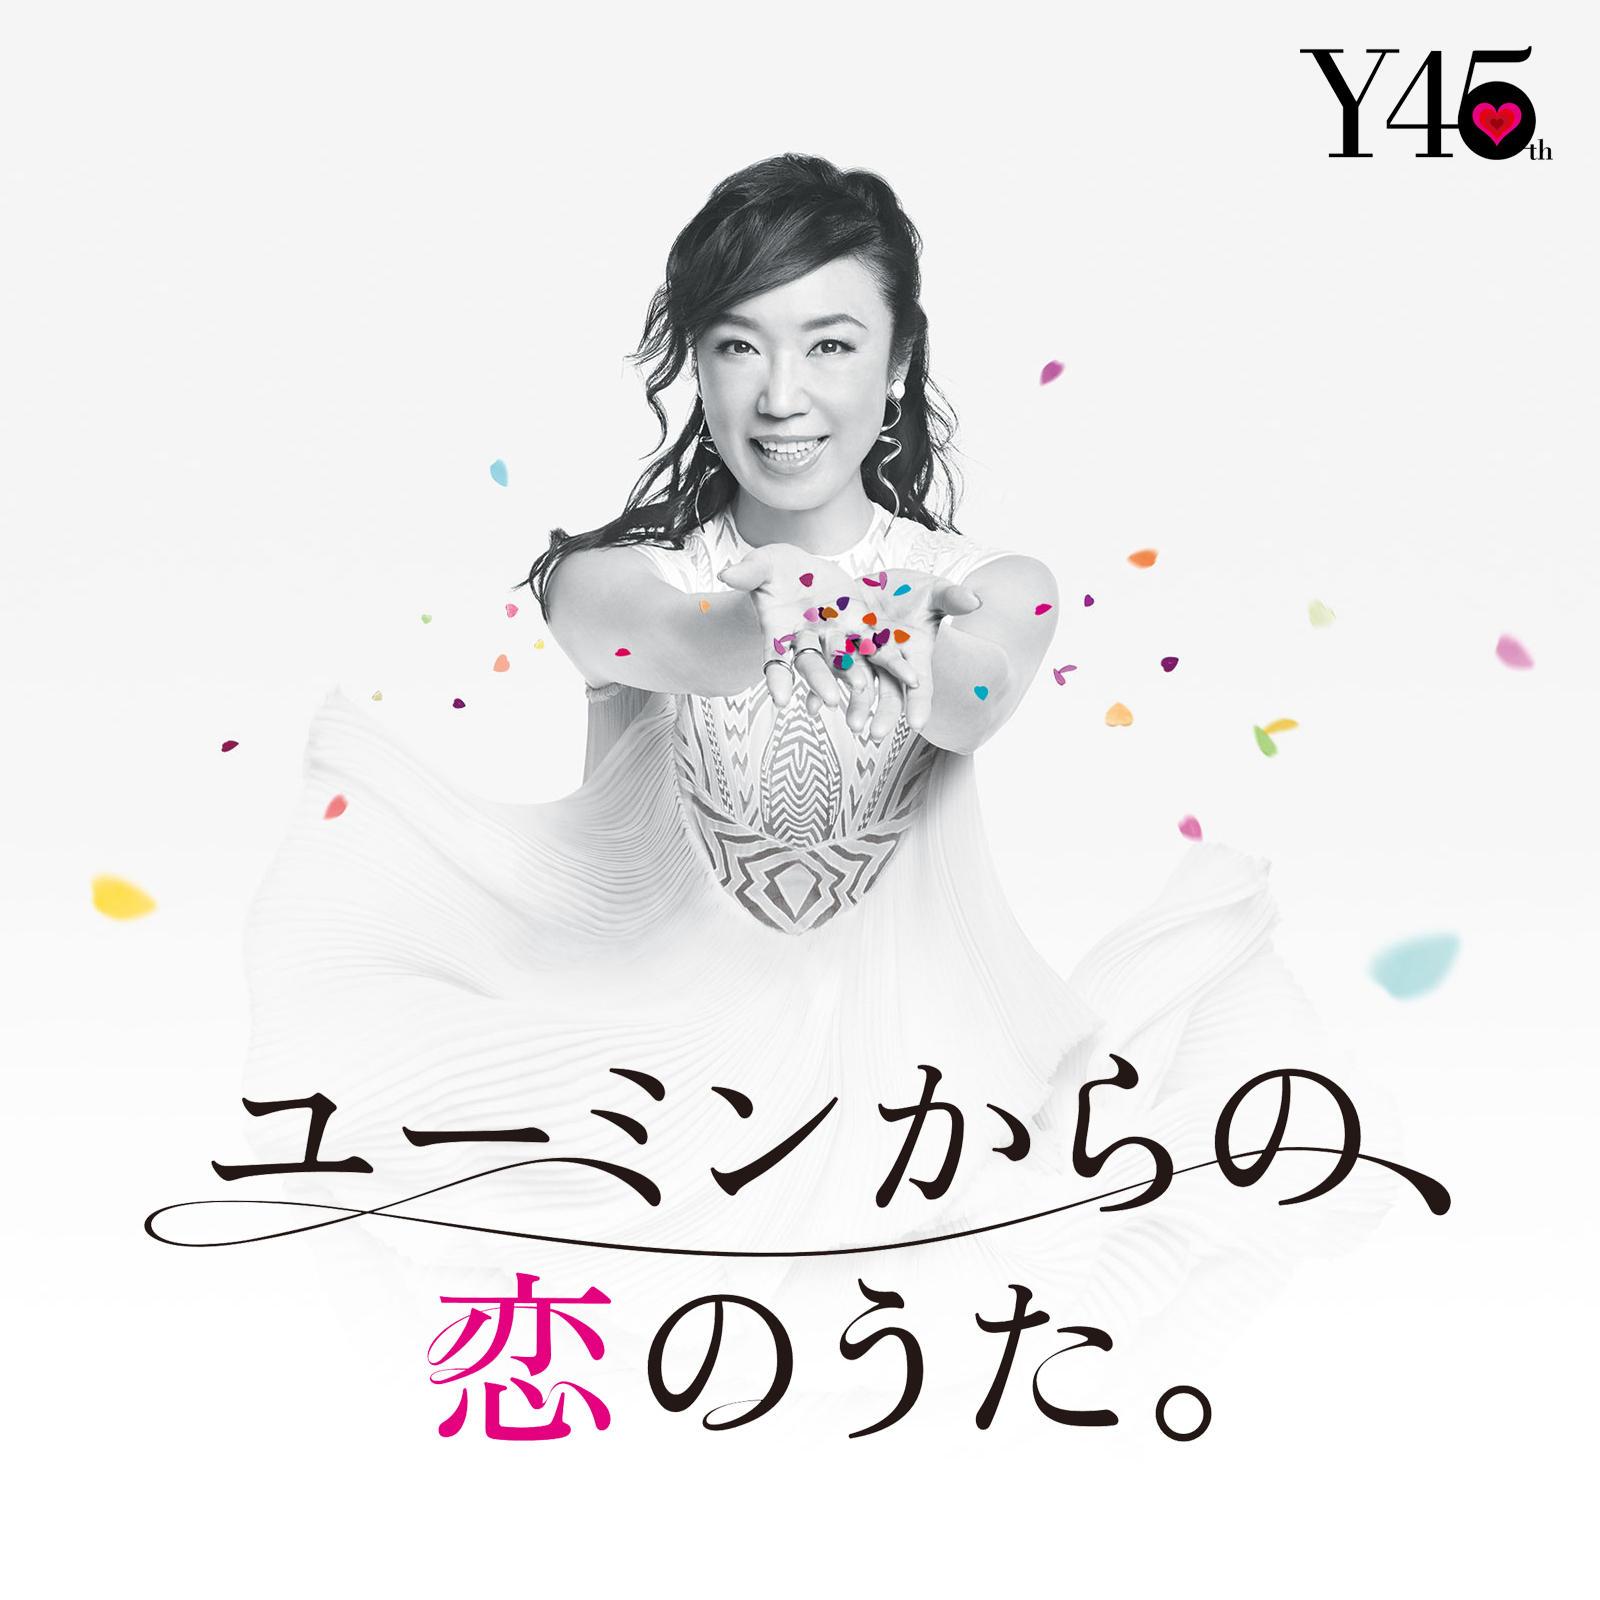 松任谷由実、自身初のコンサートツアーのベスト版「タイムマシーンツアー」スタート! 荒井由実時代を含む楽曲424曲の全曲配信開始!